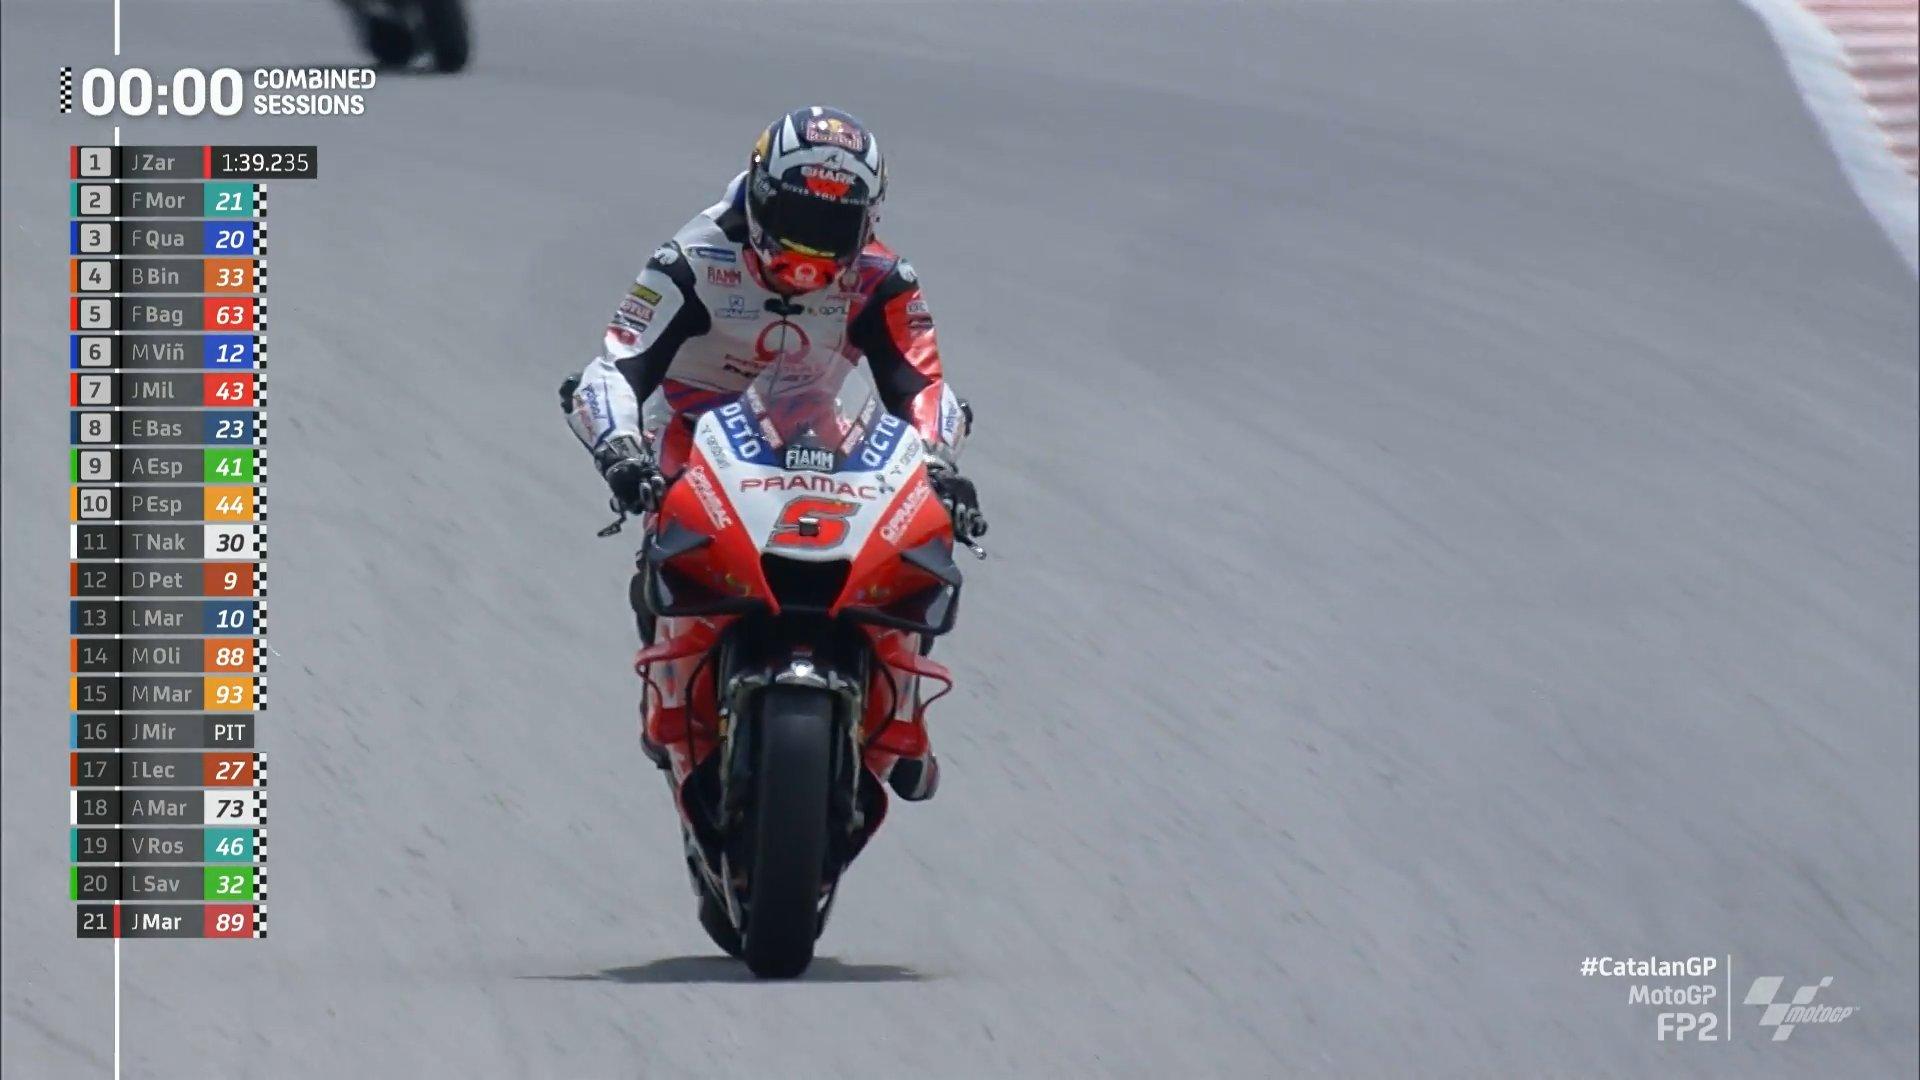 Moto GP 2021 - Page 17 E3CkOHEXwAQSI3s?format=jpg&name=large